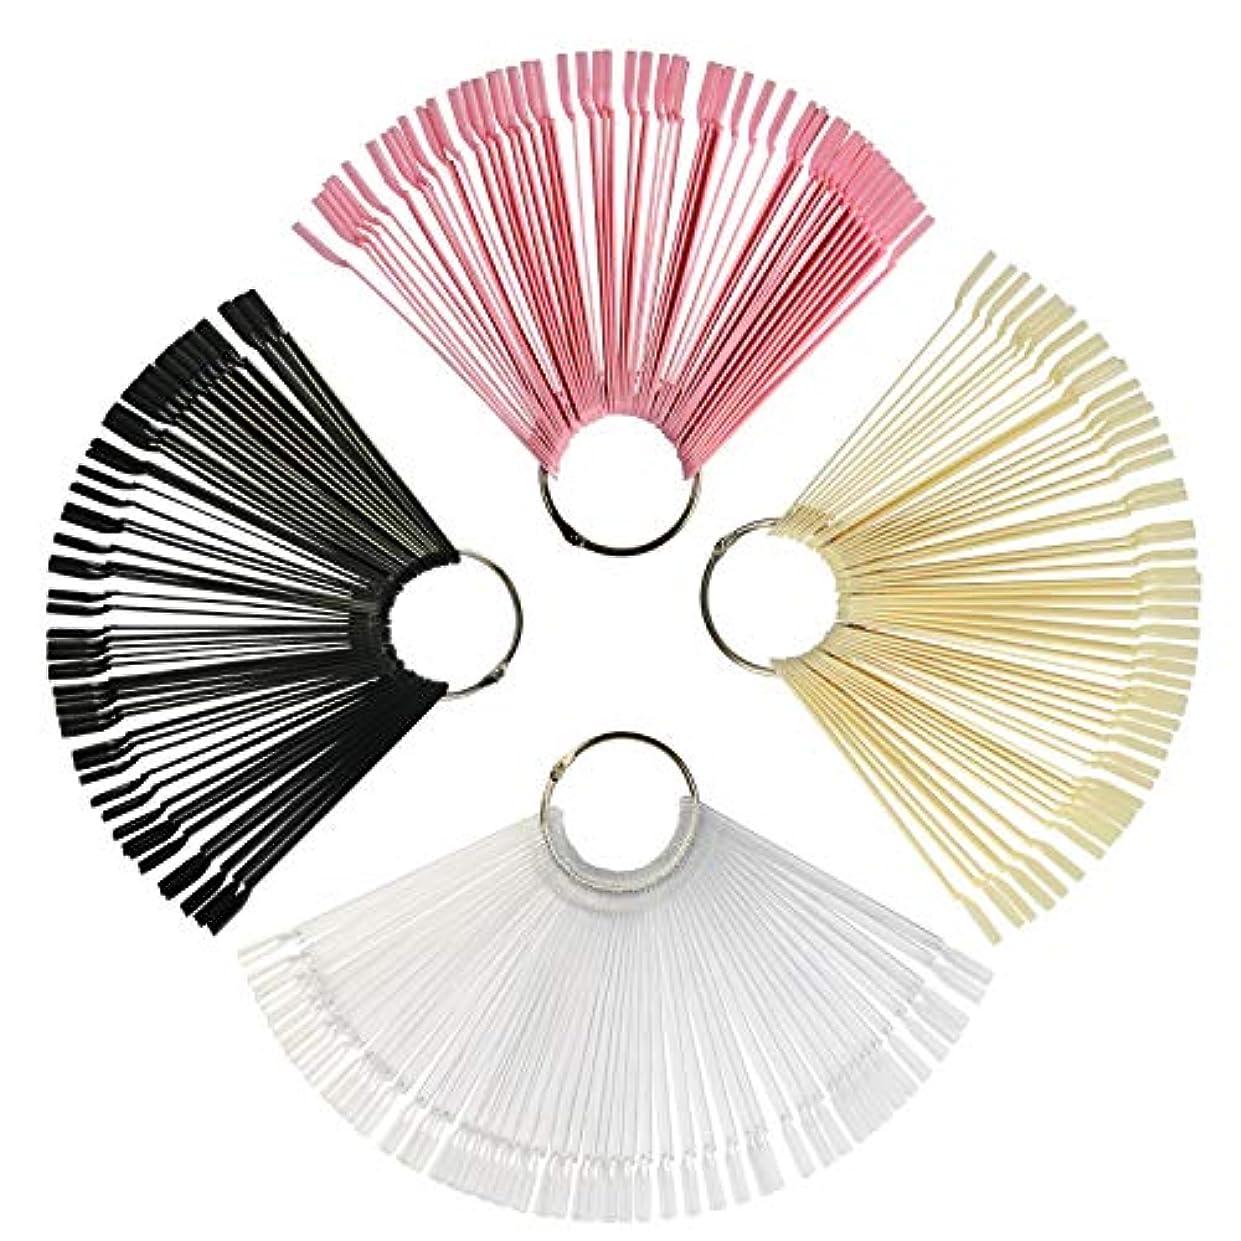 アレイジム菊ネイルカラーチャート KAKOO スティック式 200枚 4色(透明?ブラック?ピンク?ナチュラルカラー) 4個リング付属 偽ネイル 練習用 ネイルアート チップ クリア カラーチャートサンプル 見本カラーチャート